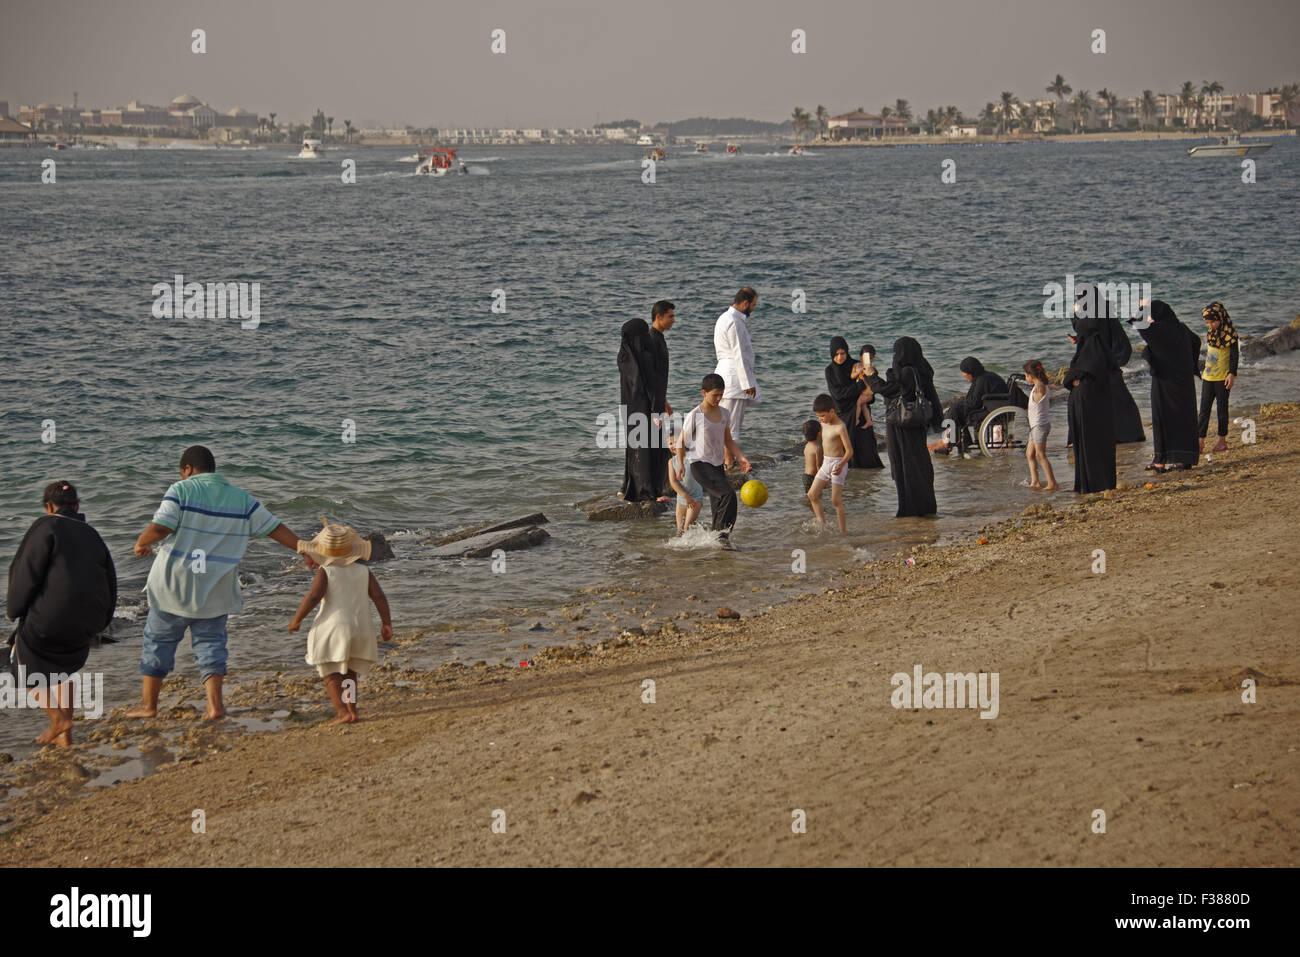 Una escena típica en la Corniche en Jeddah, Arabia Saudita. Las familias paseo de la playa del Mar Rojo, rezar Imagen De Stock